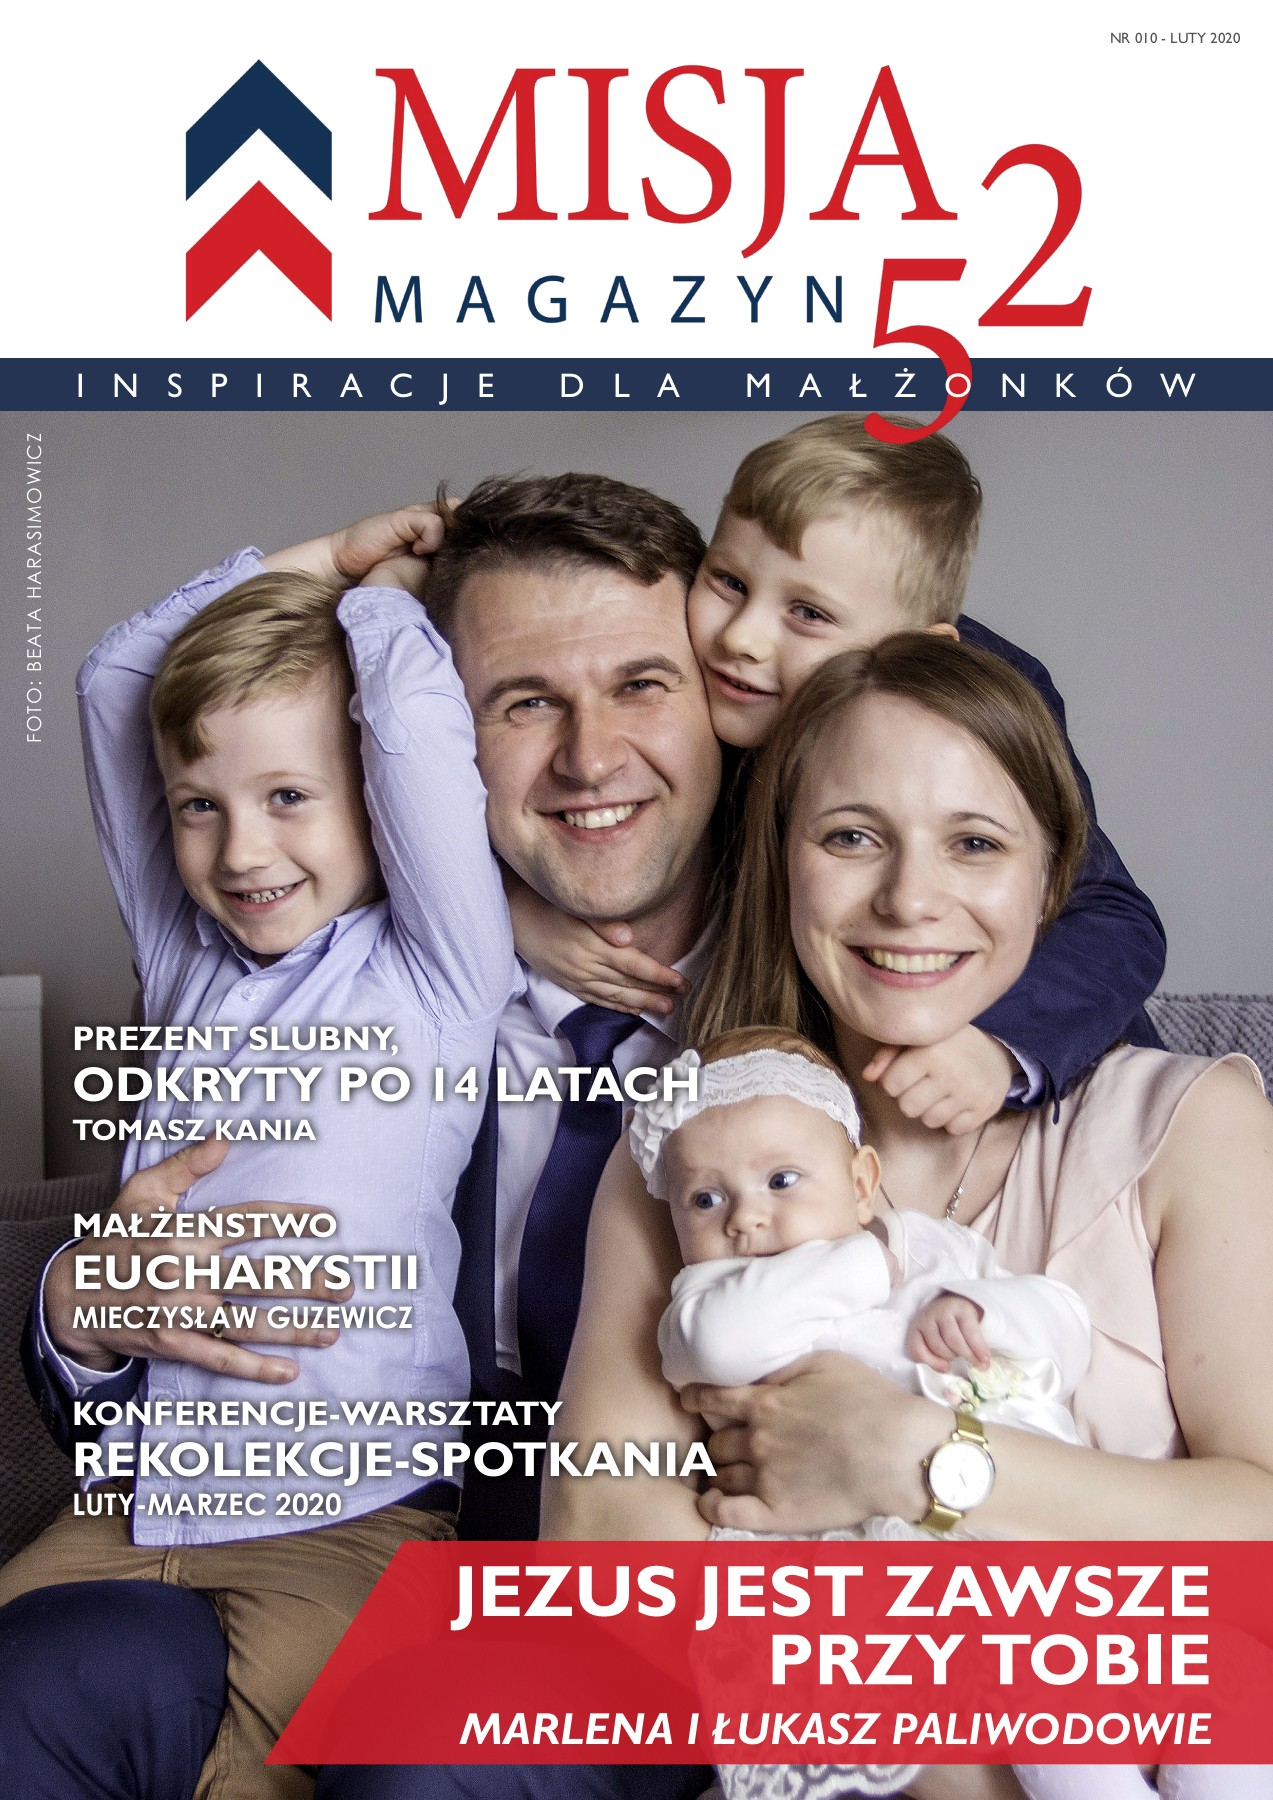 Grupy parafialne - Parafia pw. Opatrznoci Boej Rzeszw